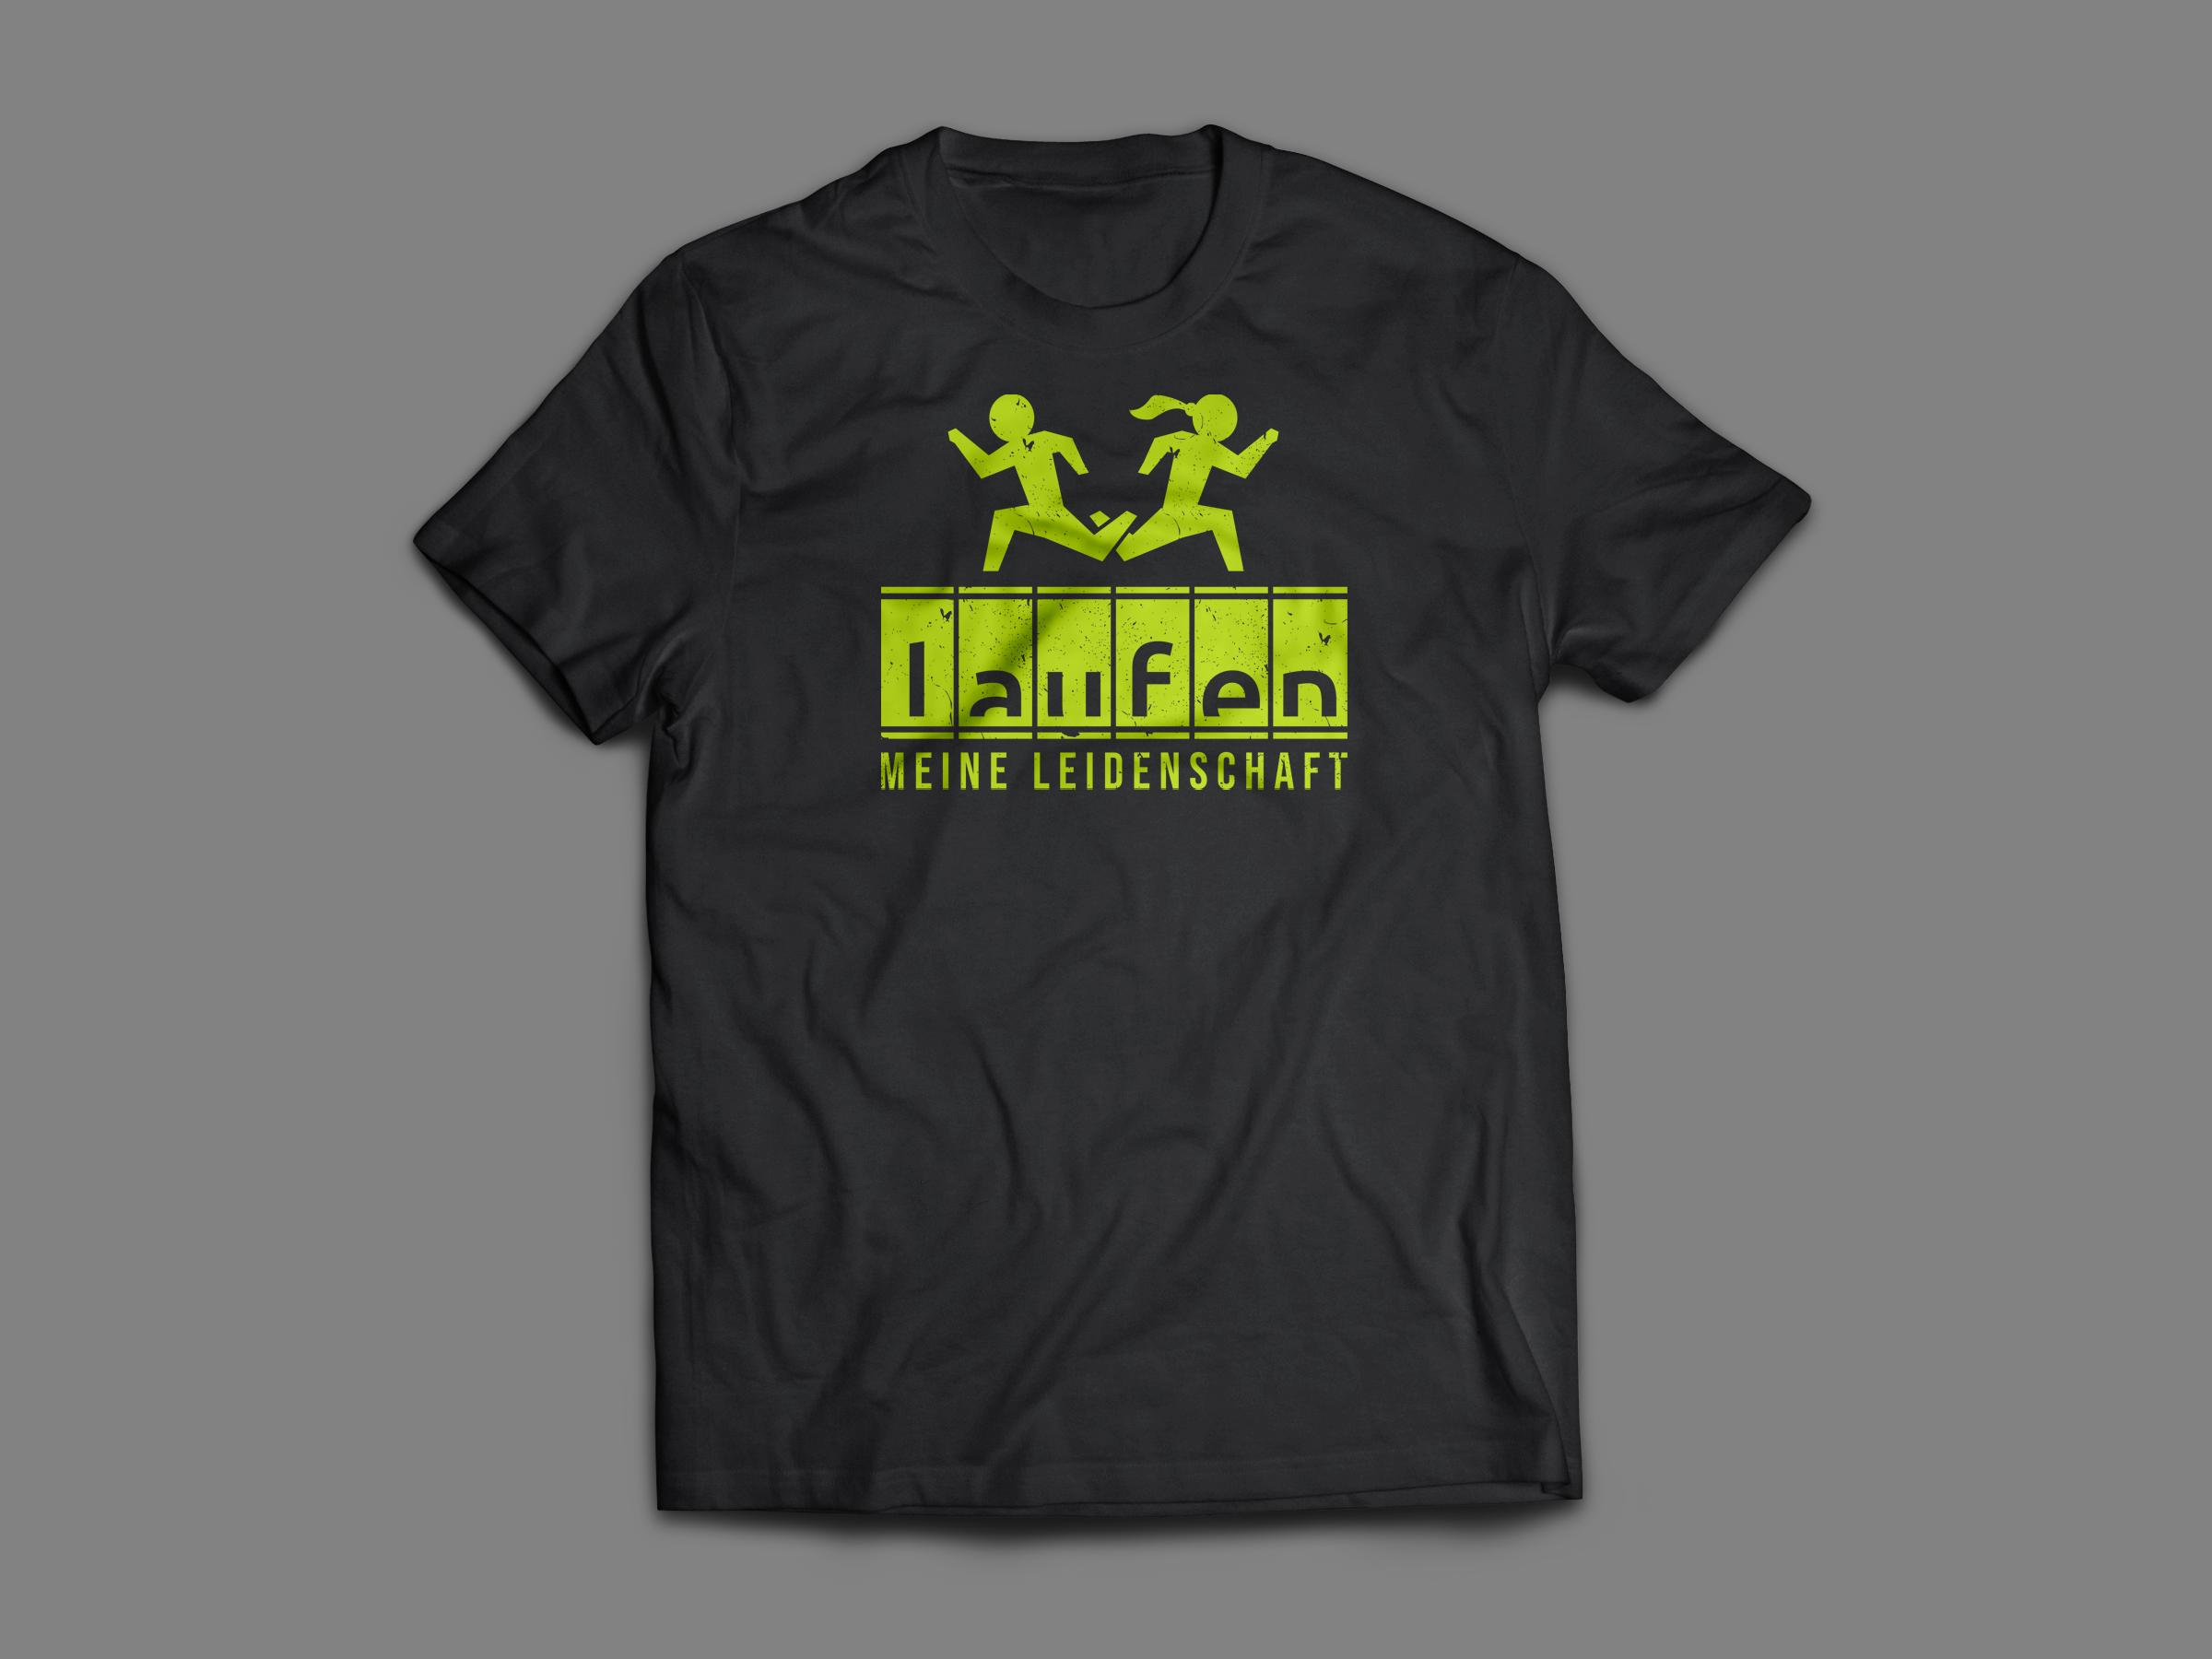 T-Shirt sucht sportliches Motiv